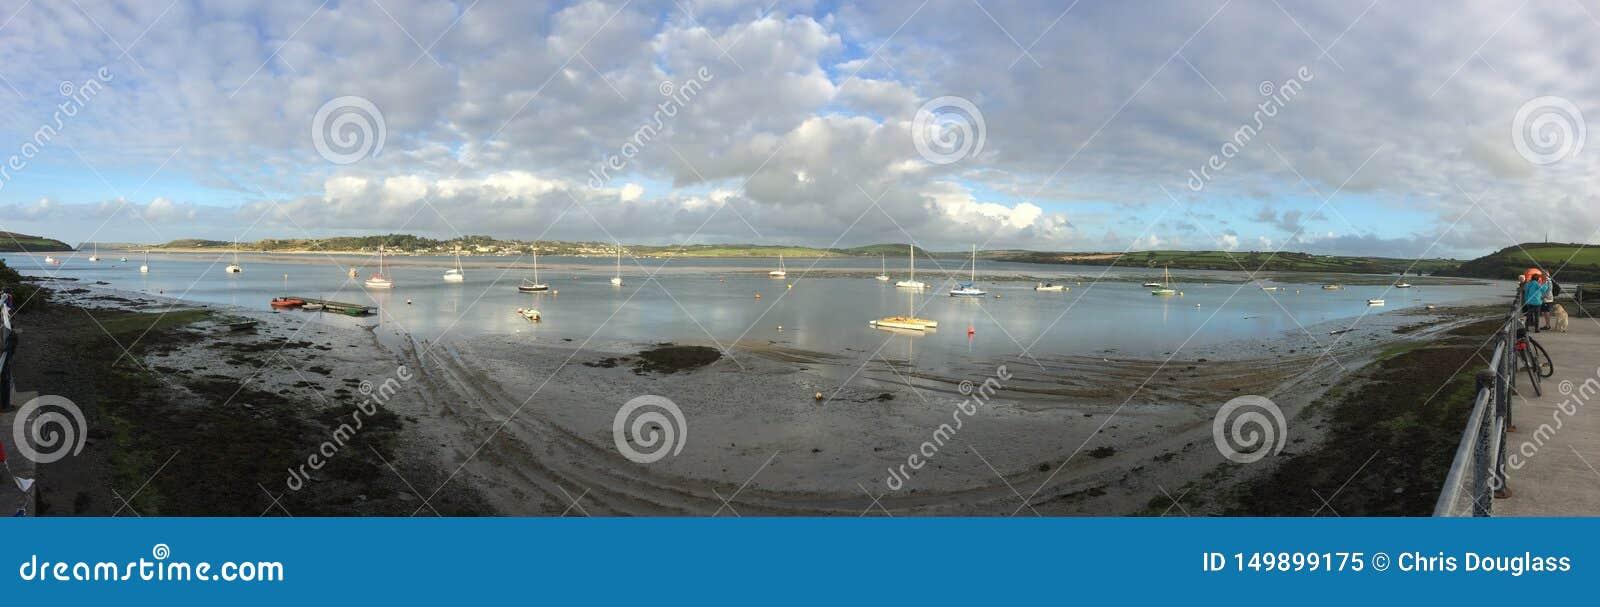 Panoramautsikt över floden som vaggar C Cornwall